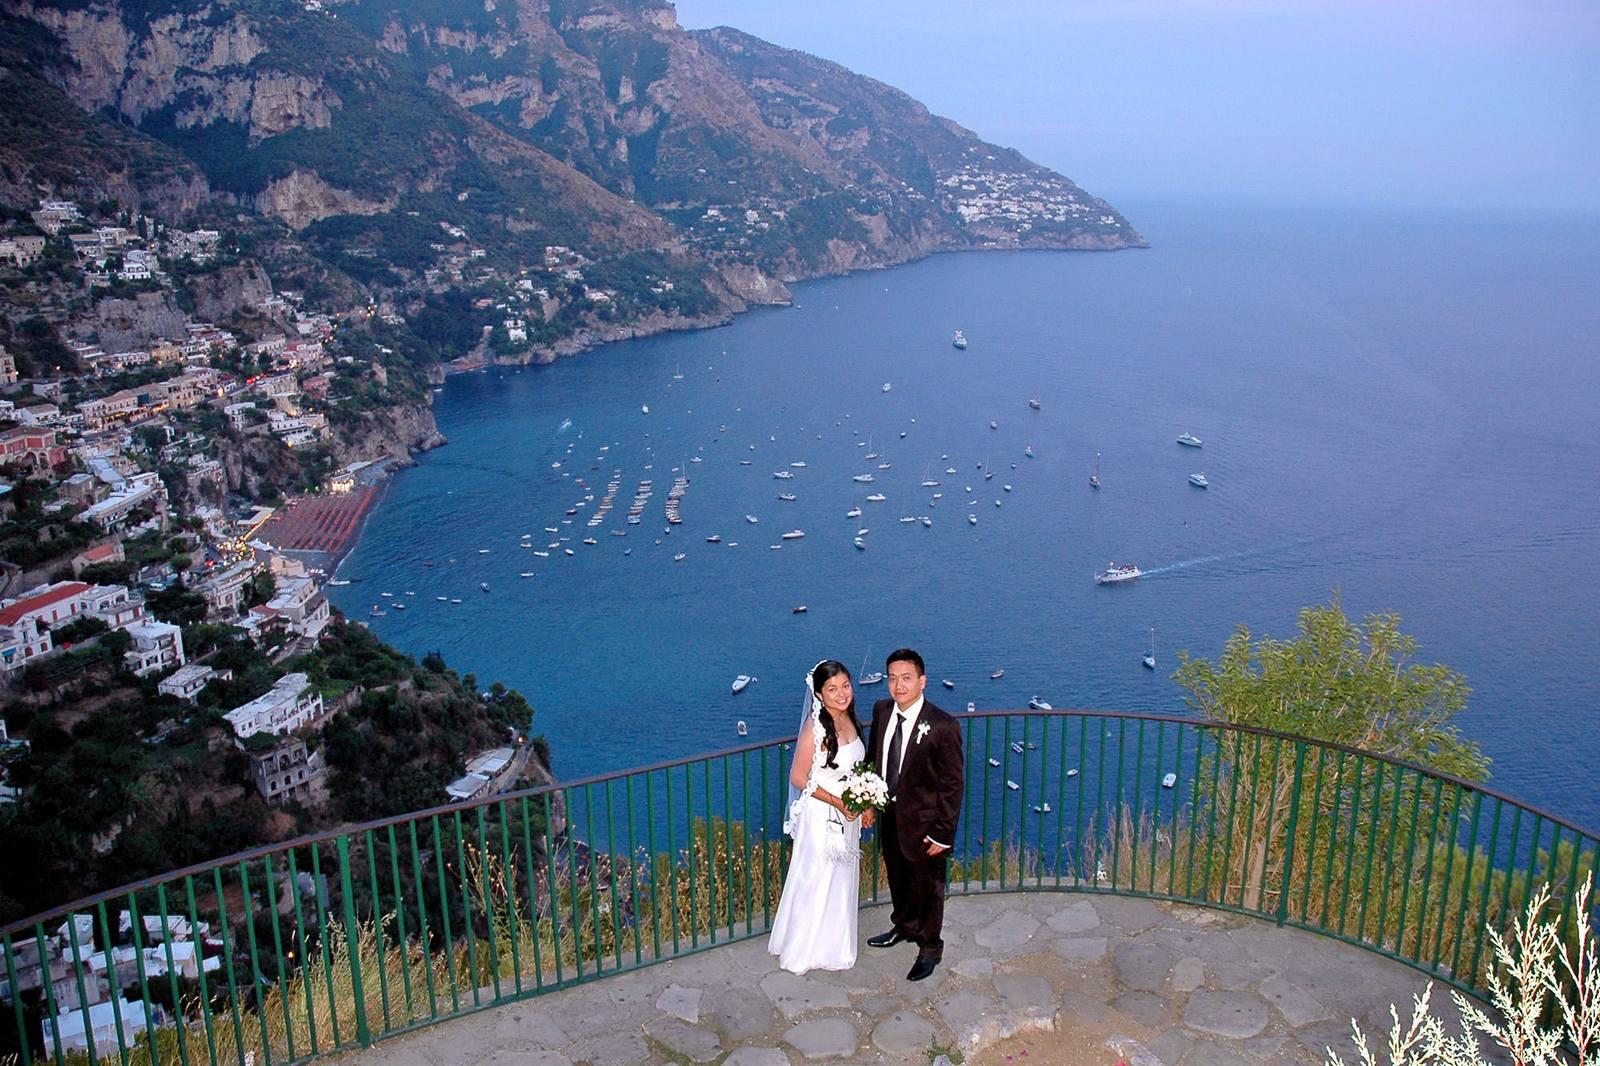 amalfi-coast-weddings.jpg